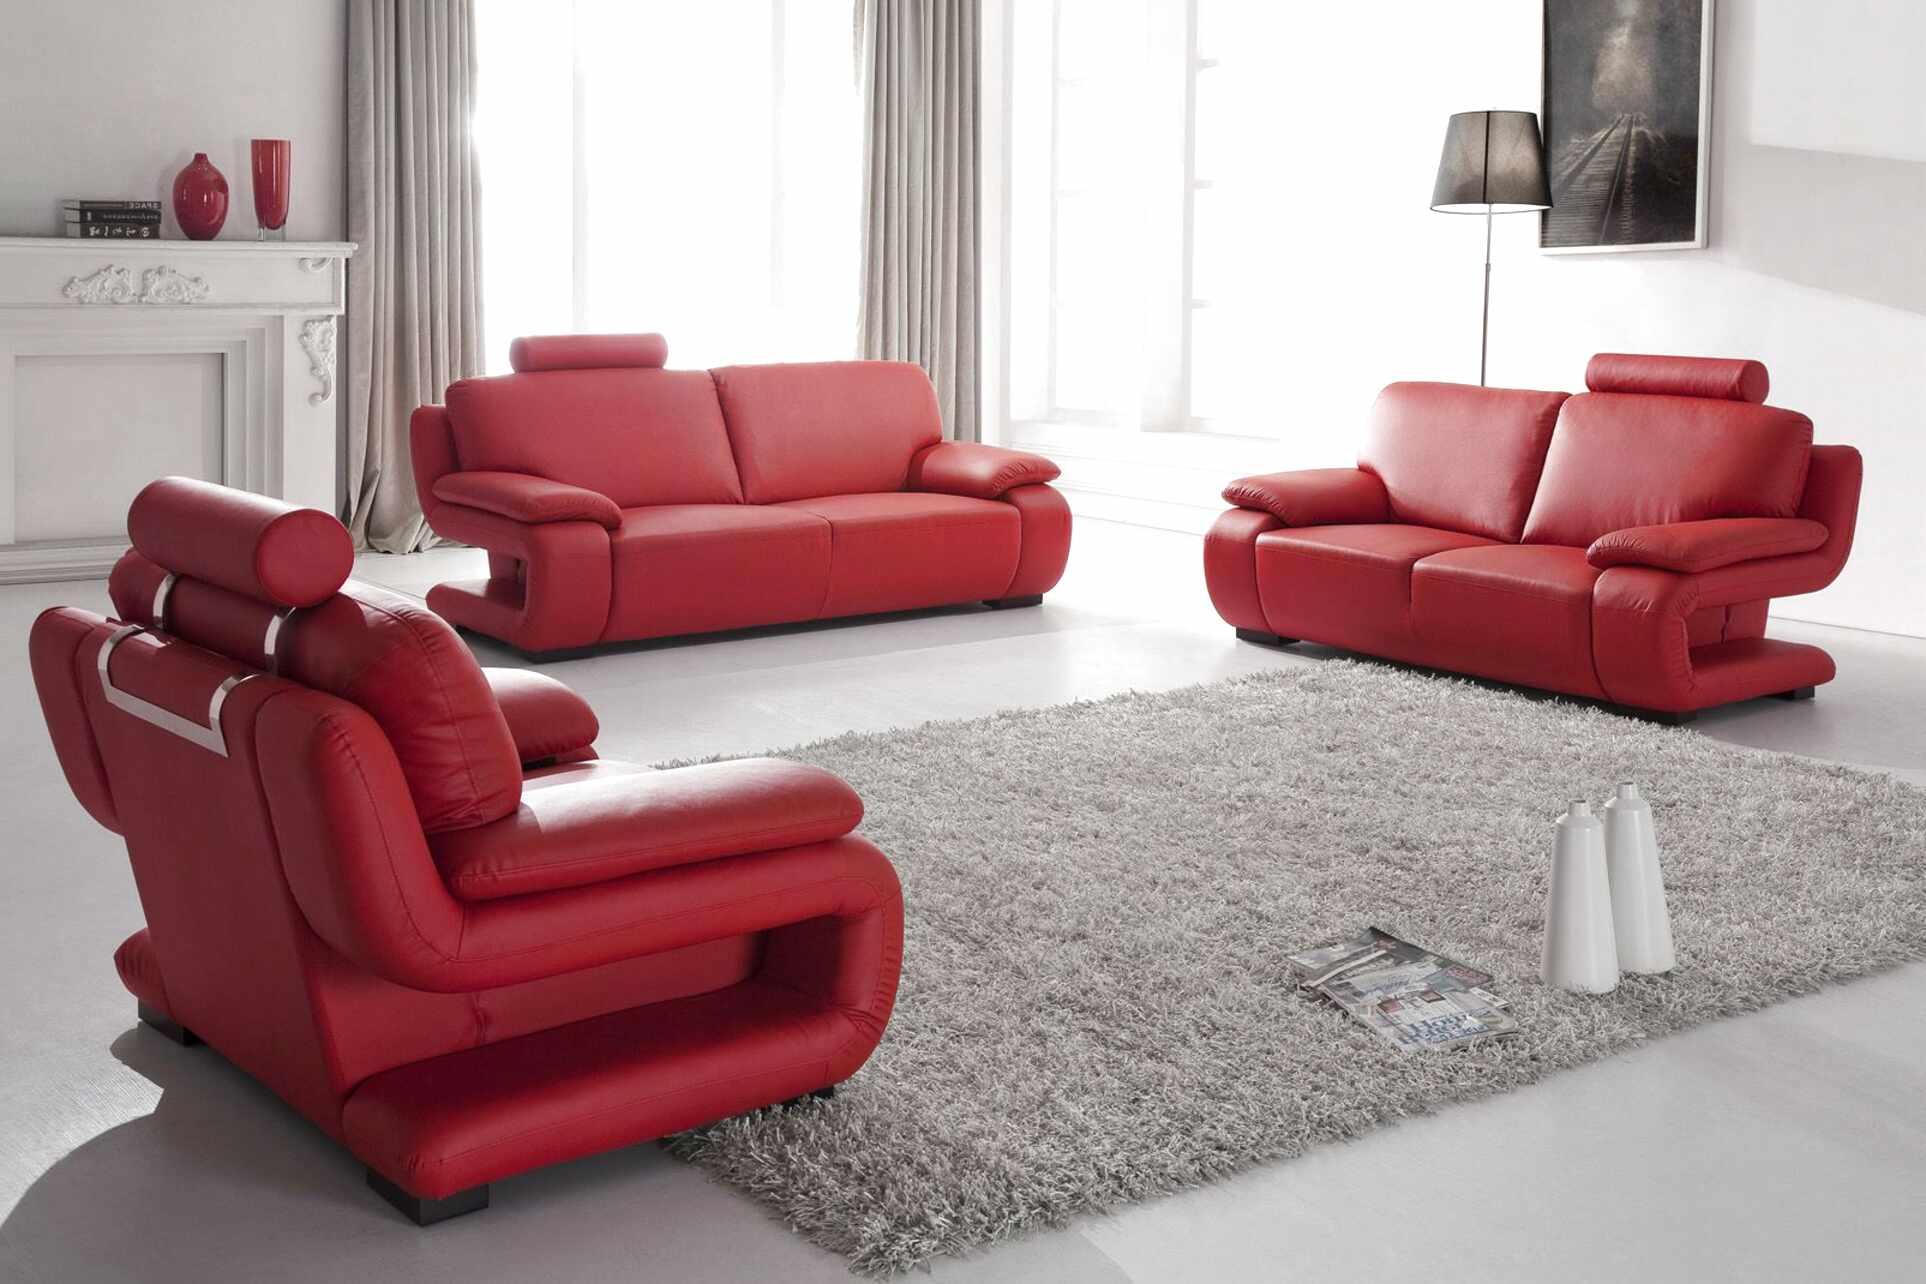 Couchgarnitur Leder gebraucht kaufen! Nur 19 St. bis -19% günstiger